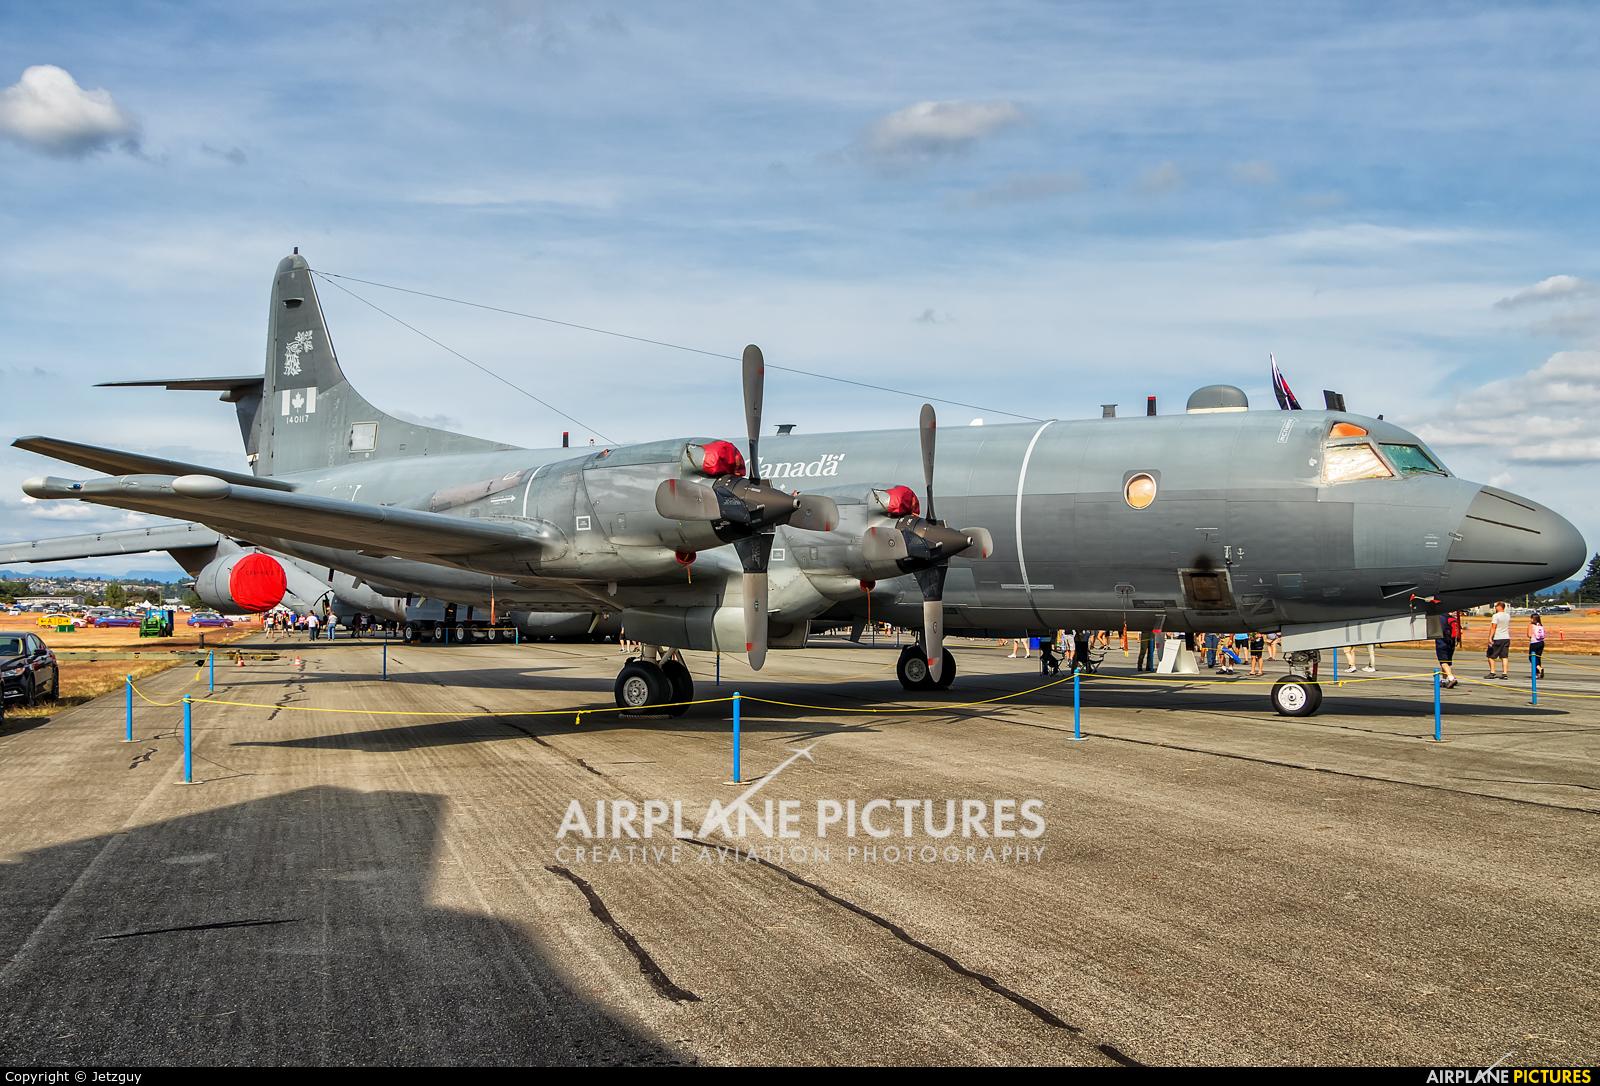 Canada - Air Force 140117 aircraft at Abbotsford, BC